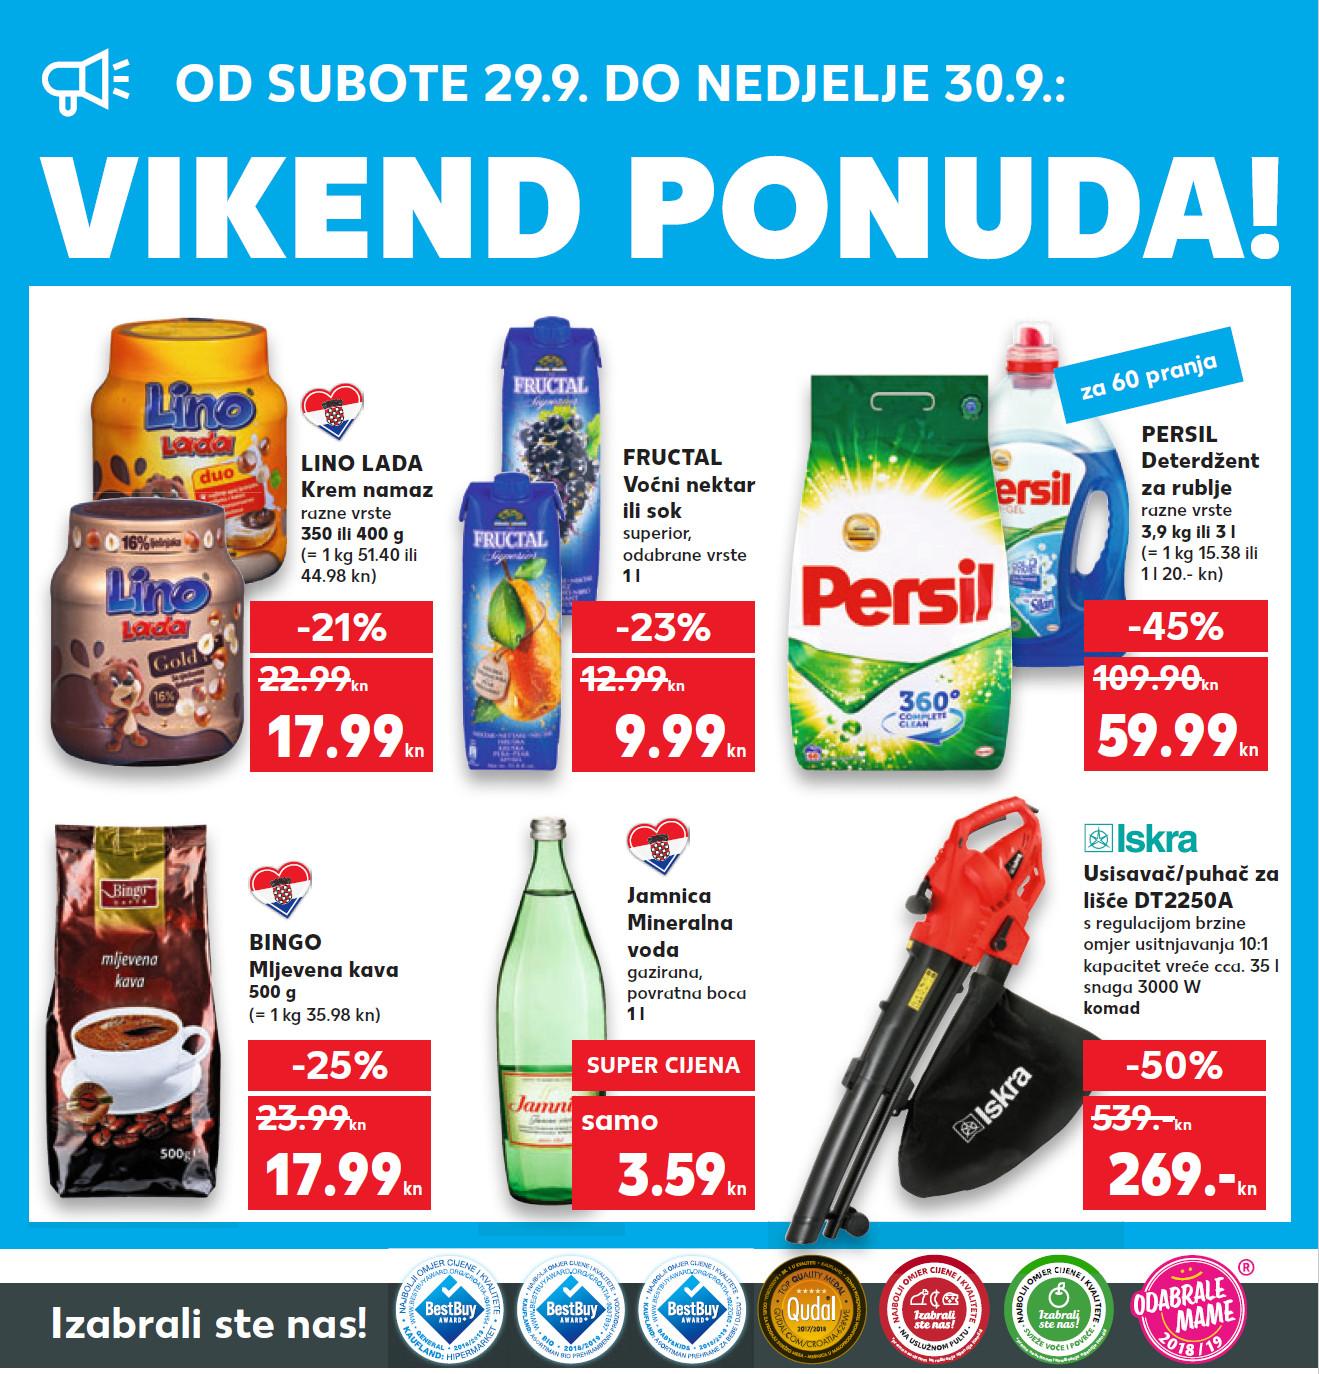 Top ponuda samo u subotu i nedjelju. Nova vikend akcija od 29.- 30.09.2018. u Kaufland supermarketima.